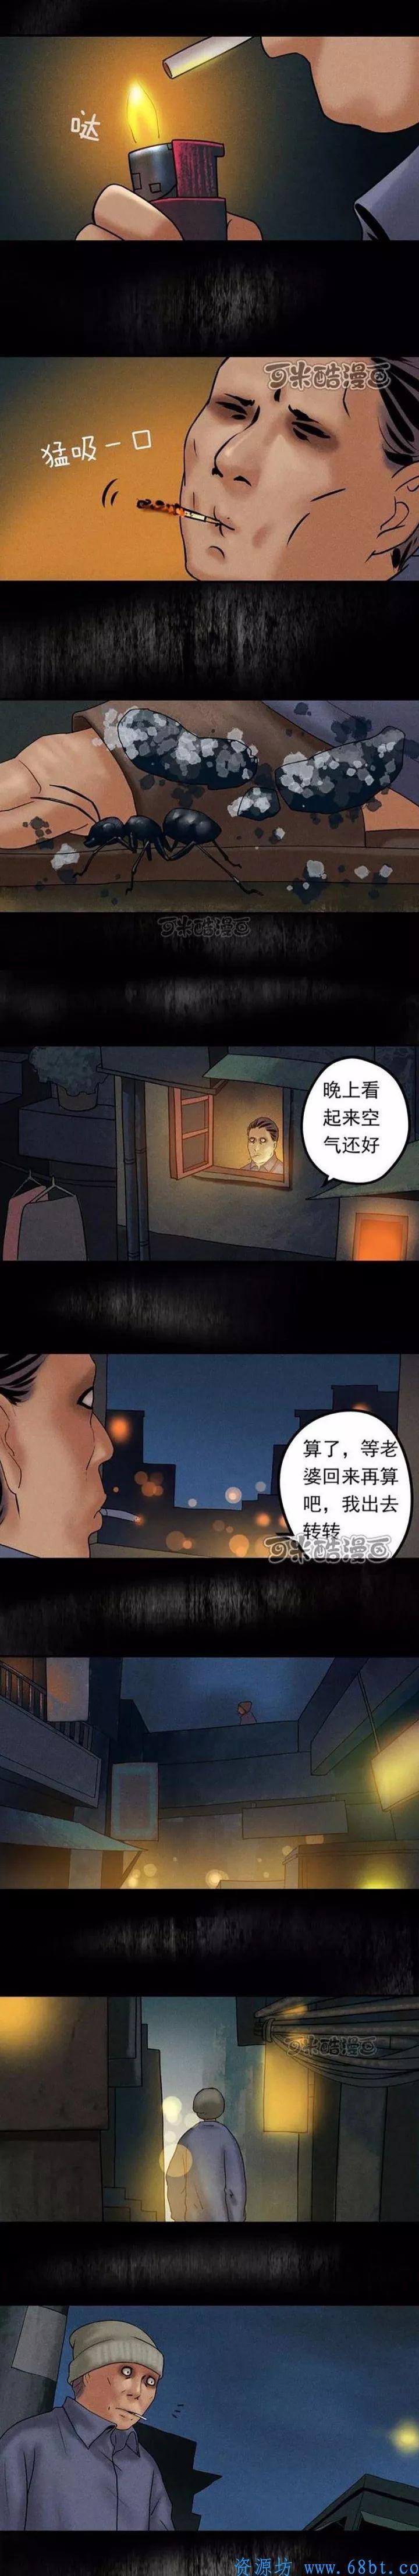 [恐怖漫画] 城,恐怖漫画,第12张